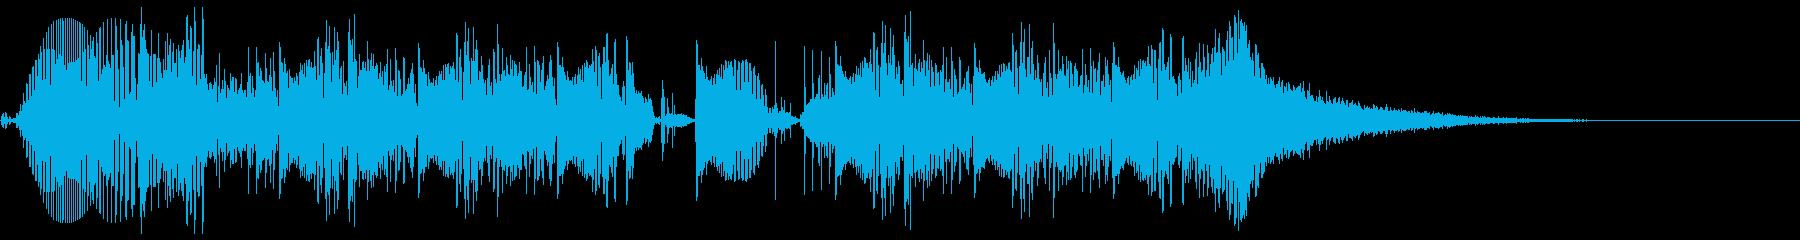 ニューロ・サイトランスなジングル1の再生済みの波形